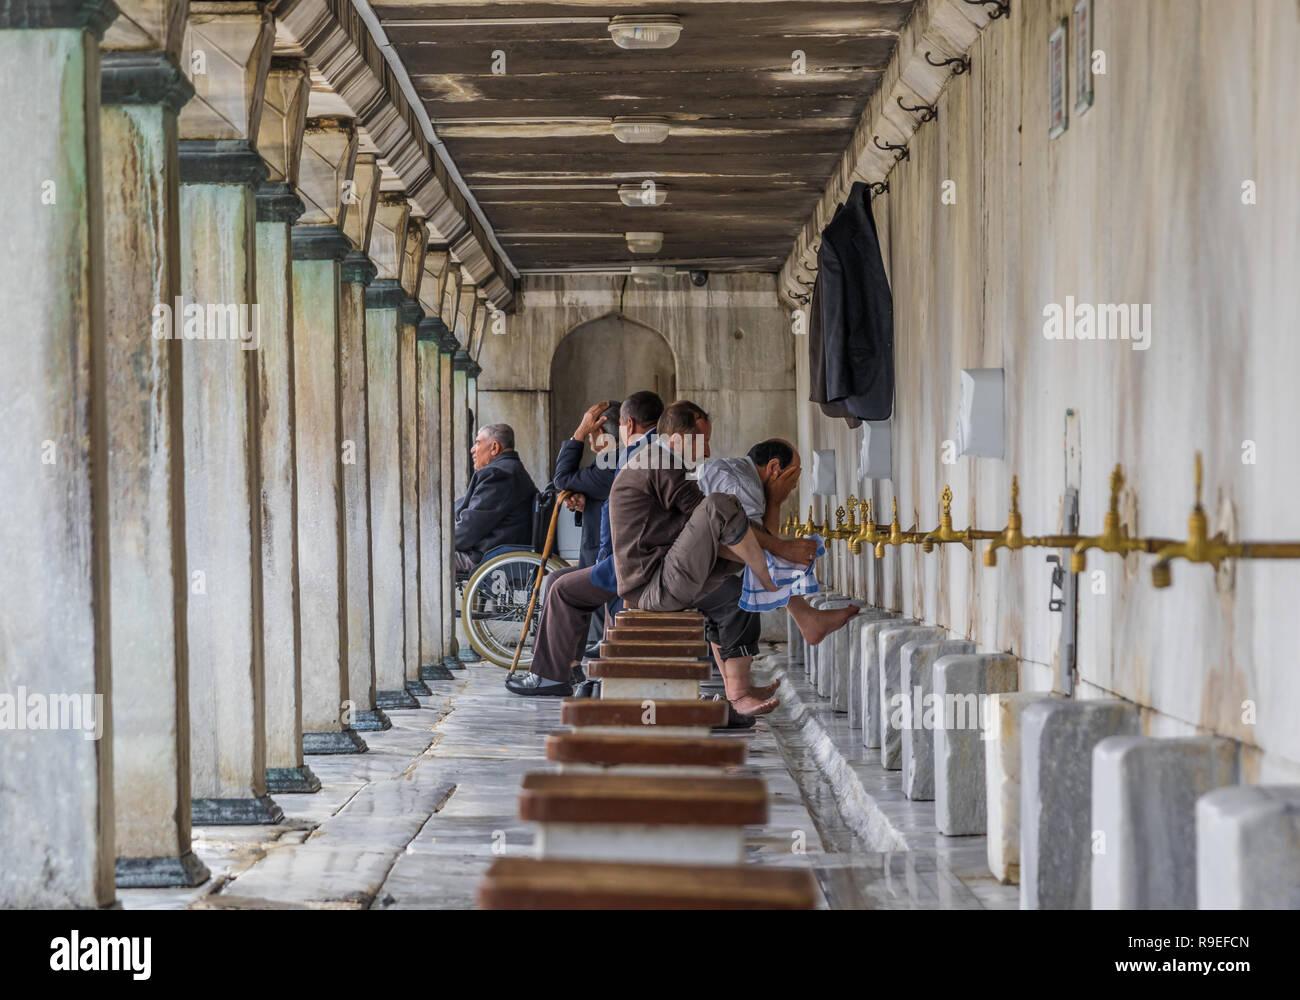 Istanbul, Türkei - vor dem Salat (Gebet), die Muslime sollen ihre Füße in einer bestimmten Toilette außerhalb der Moschee zu waschen. Stockbild